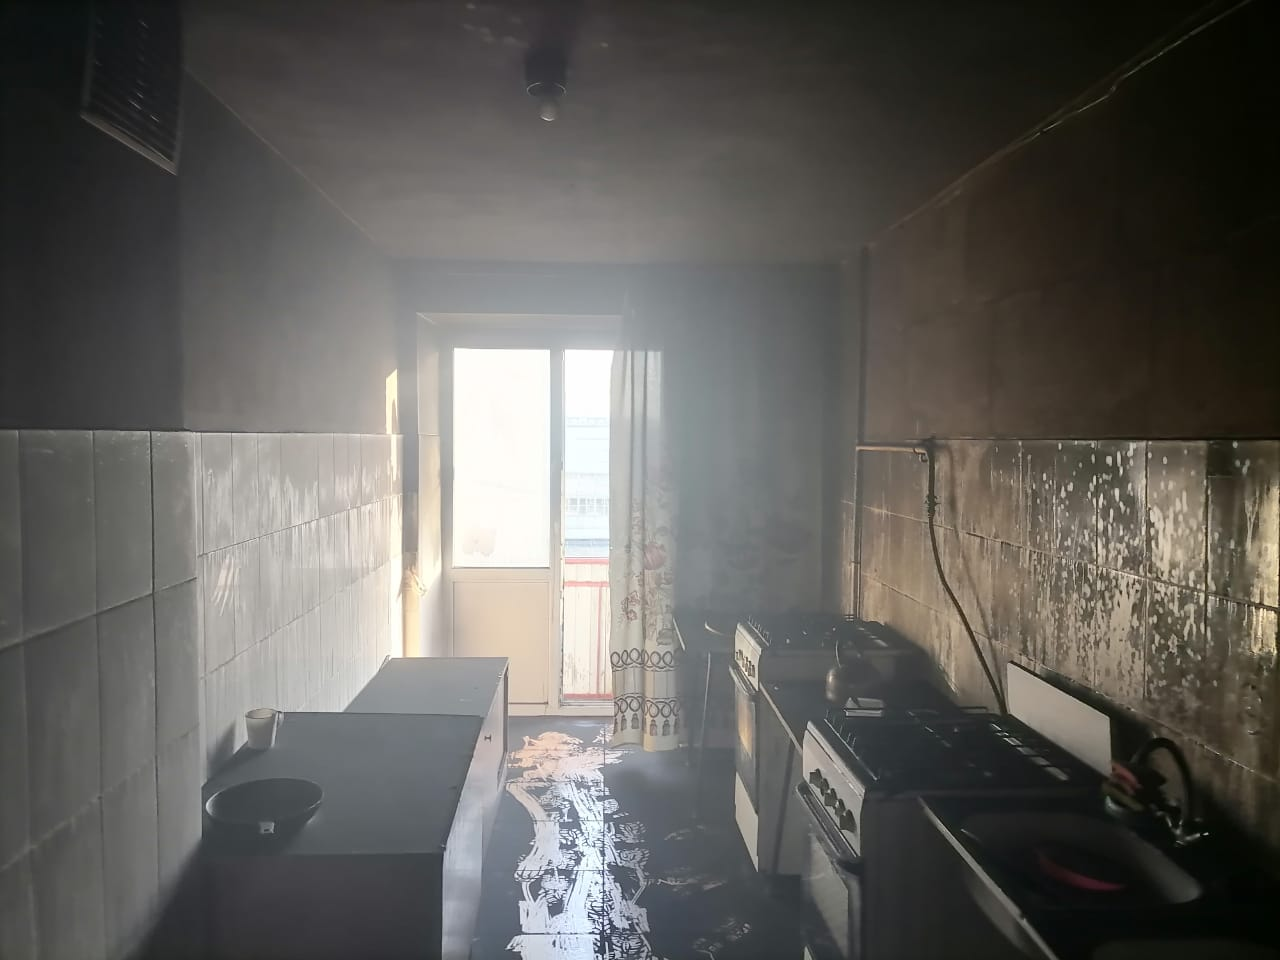 Сгоревшая квартира в Нижнекамске